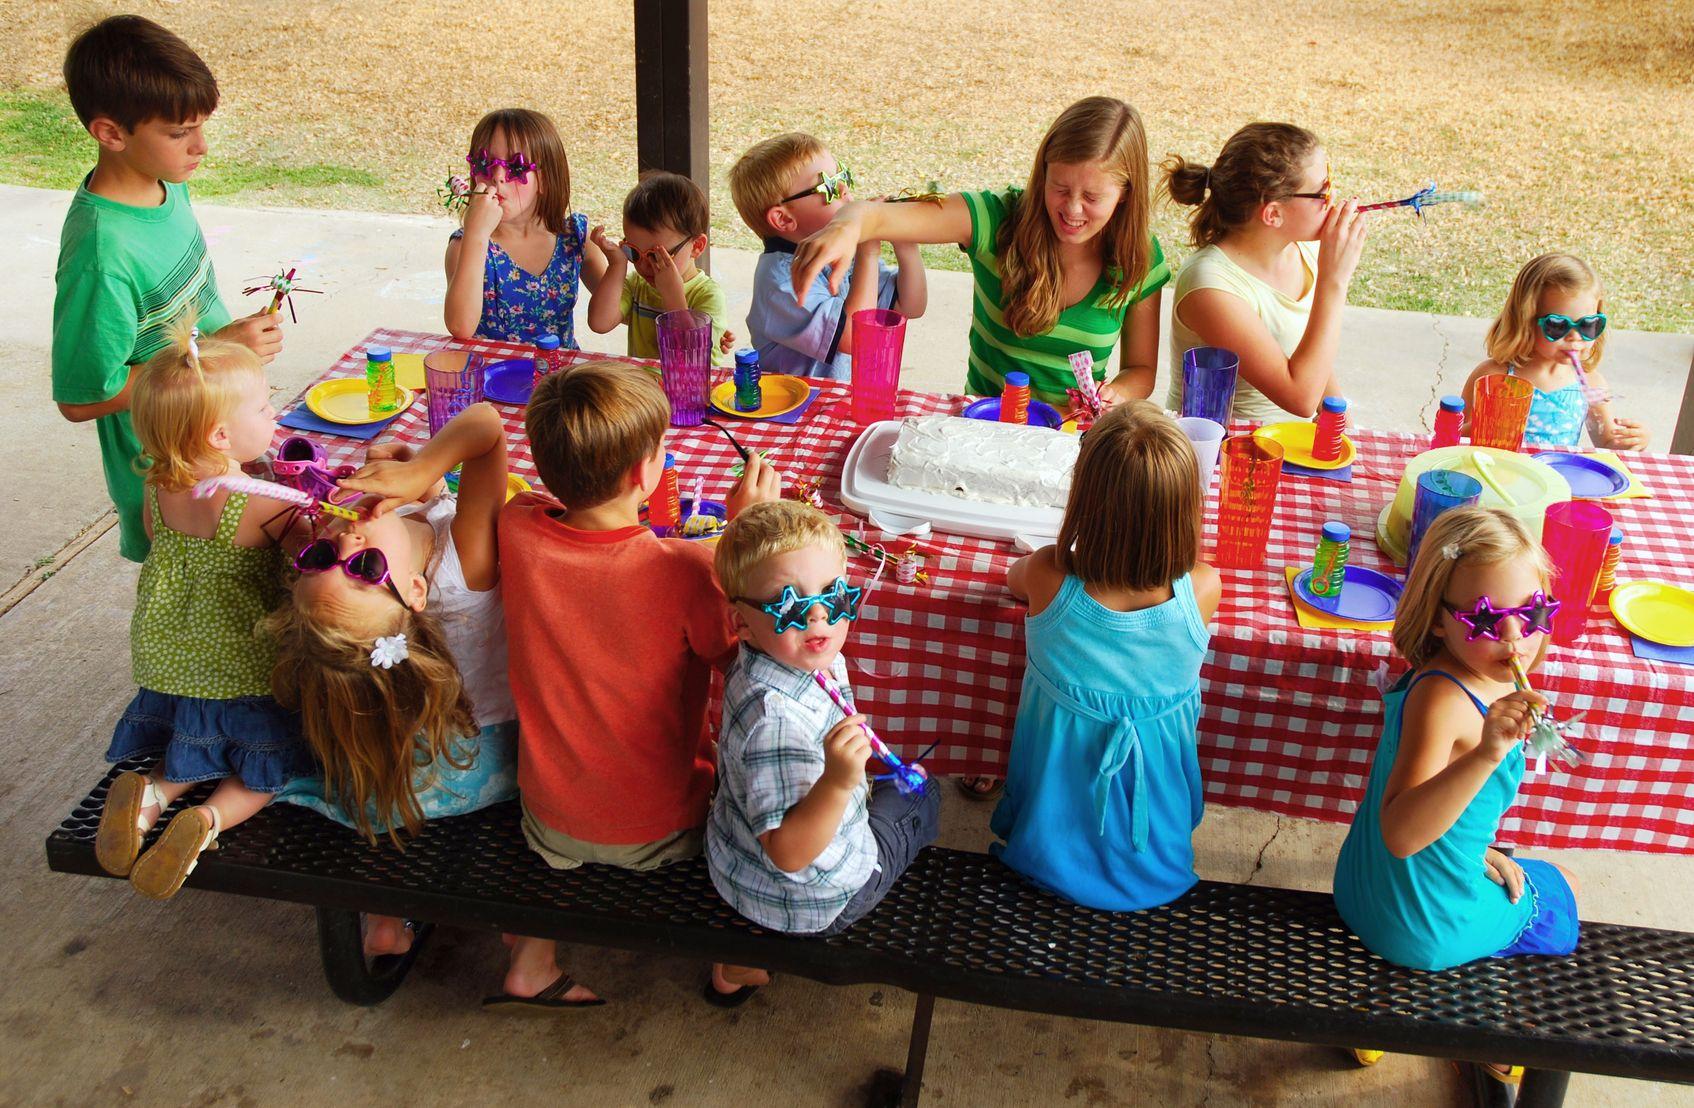 Festas de Aniversário: Atividades para fazer com os miúdos no jardim